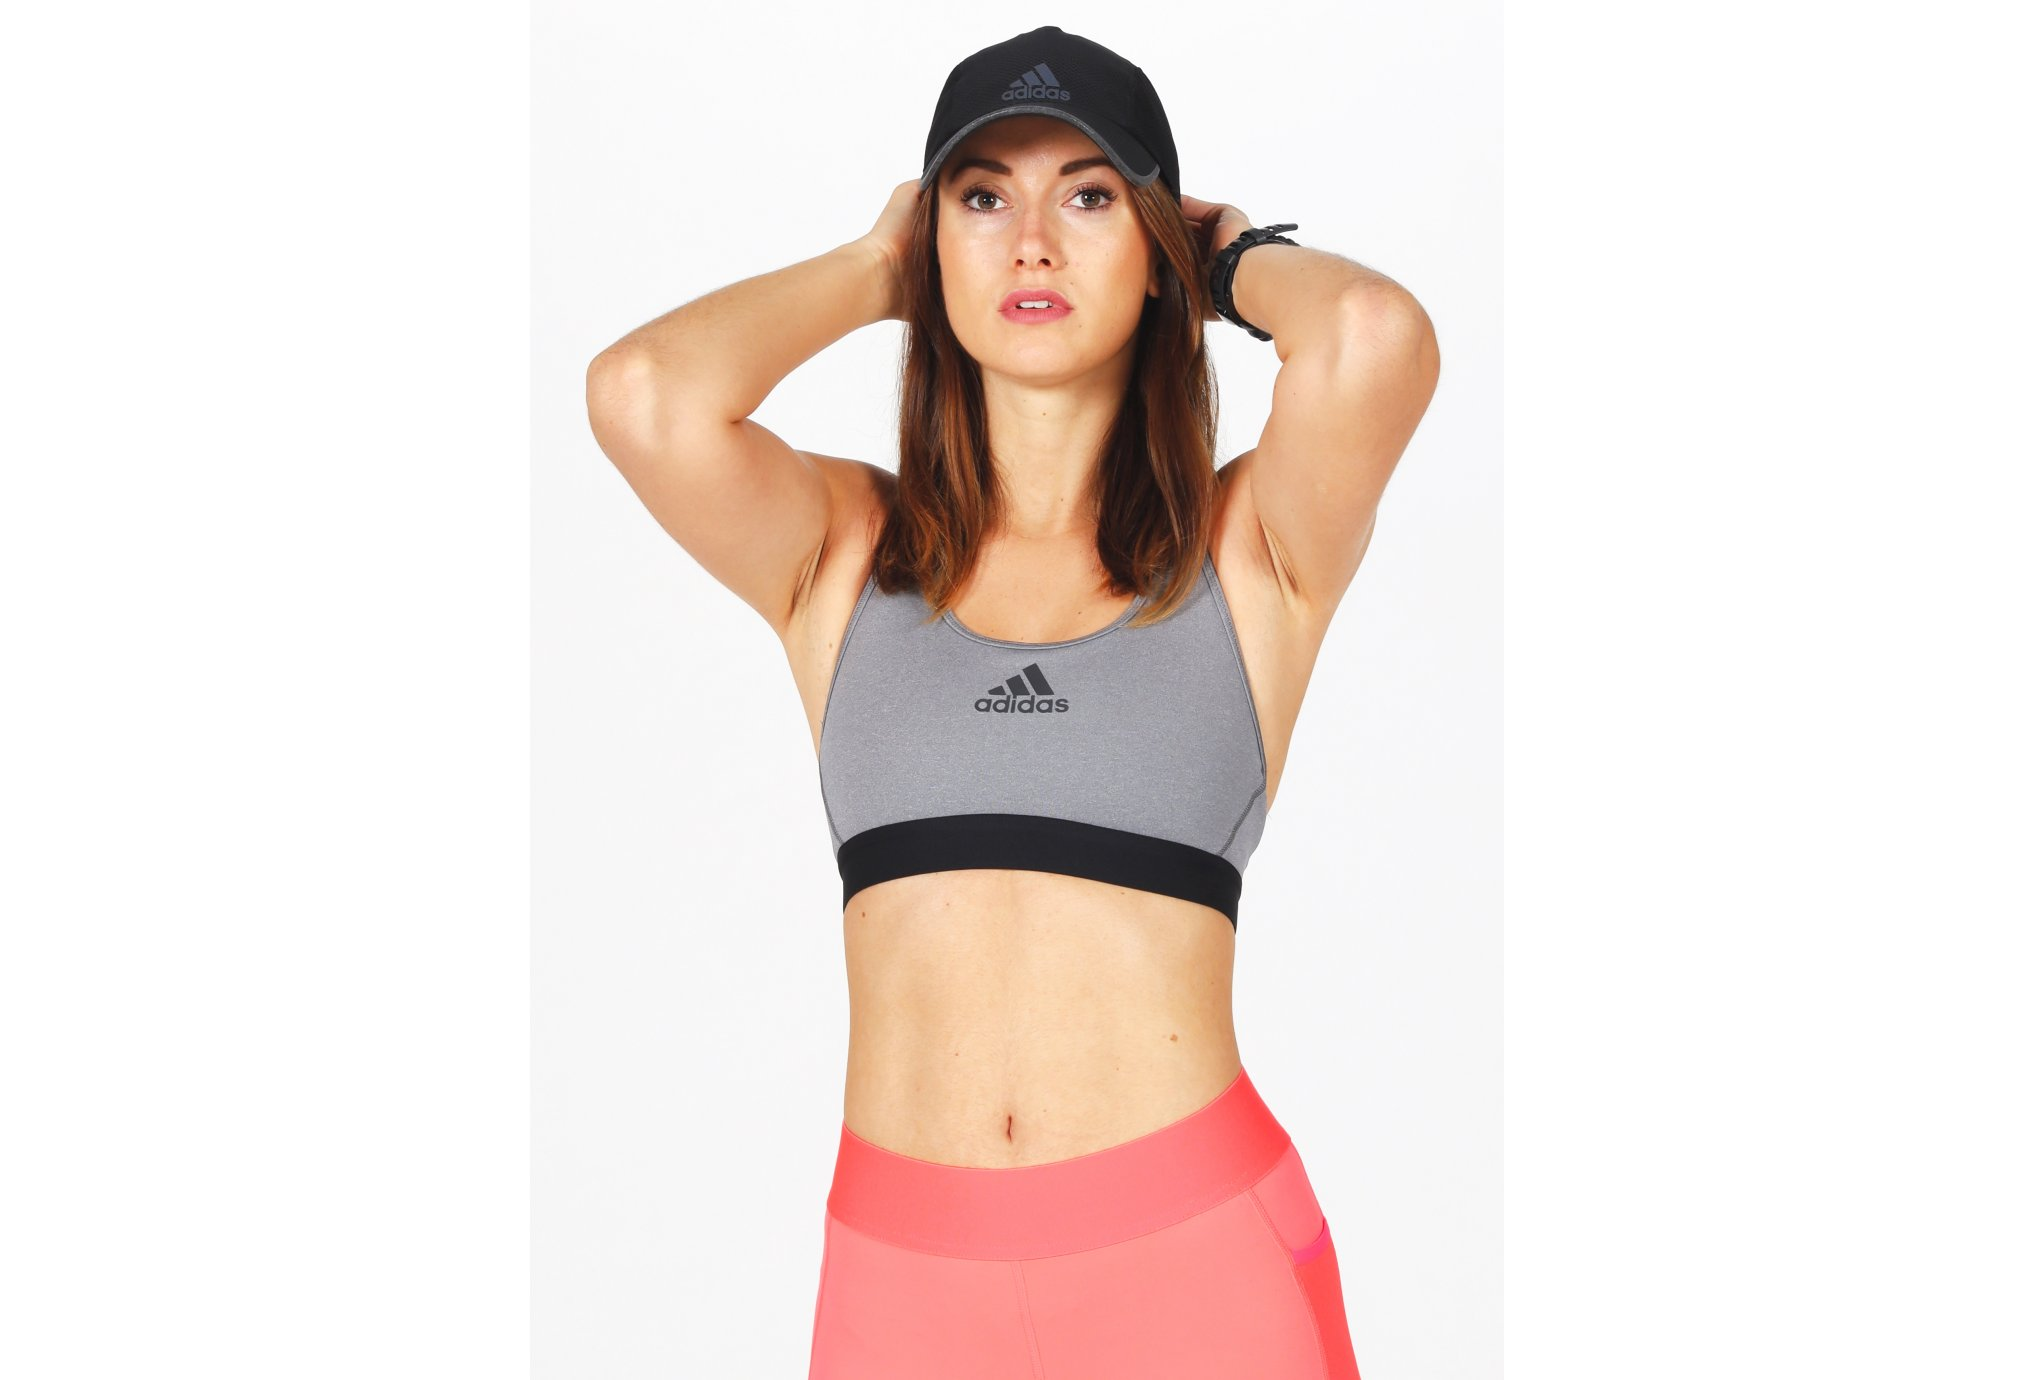 adidas Don t Rest Alphaskin vêtement running femme